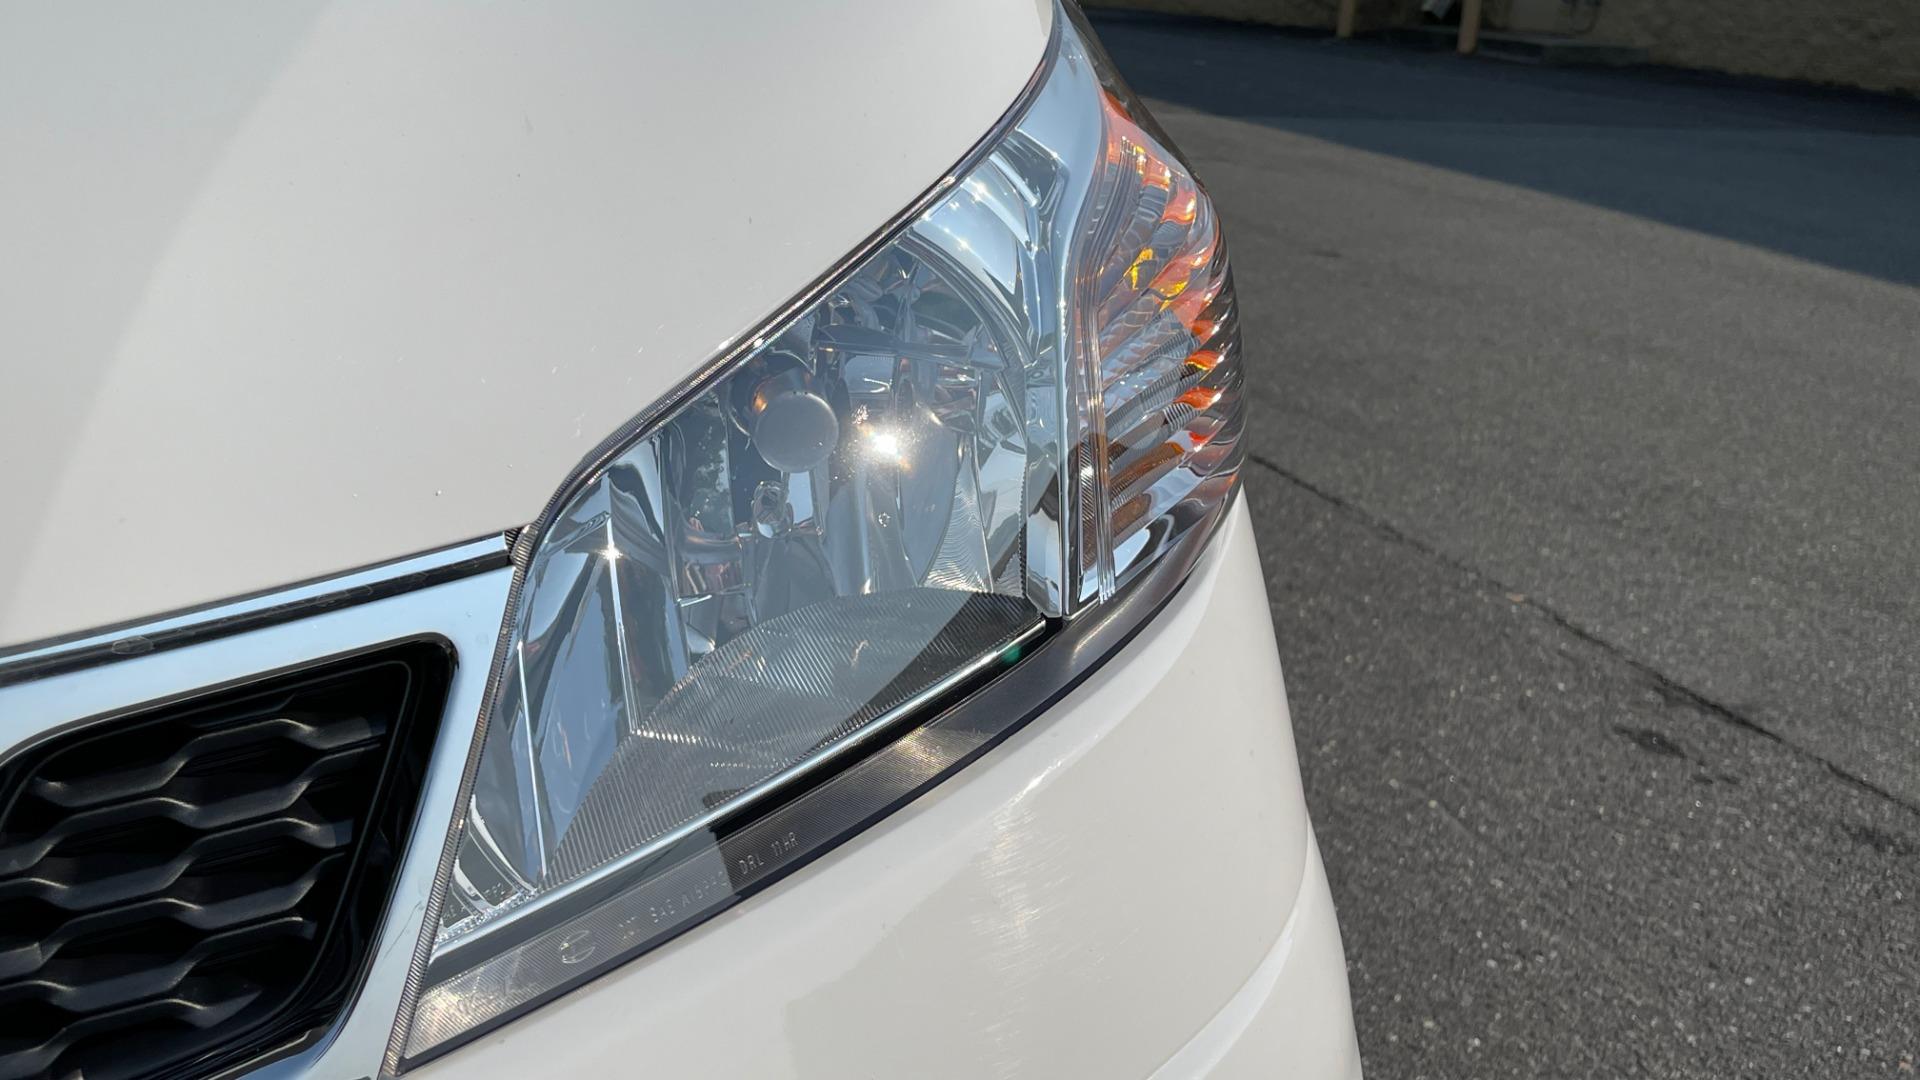 Used 2016 Nissan NV200 SV / WORK VAN / EXT APPEARNACE PKG / SPLASH GUARDS for sale $15,400 at Formula Imports in Charlotte NC 28227 6